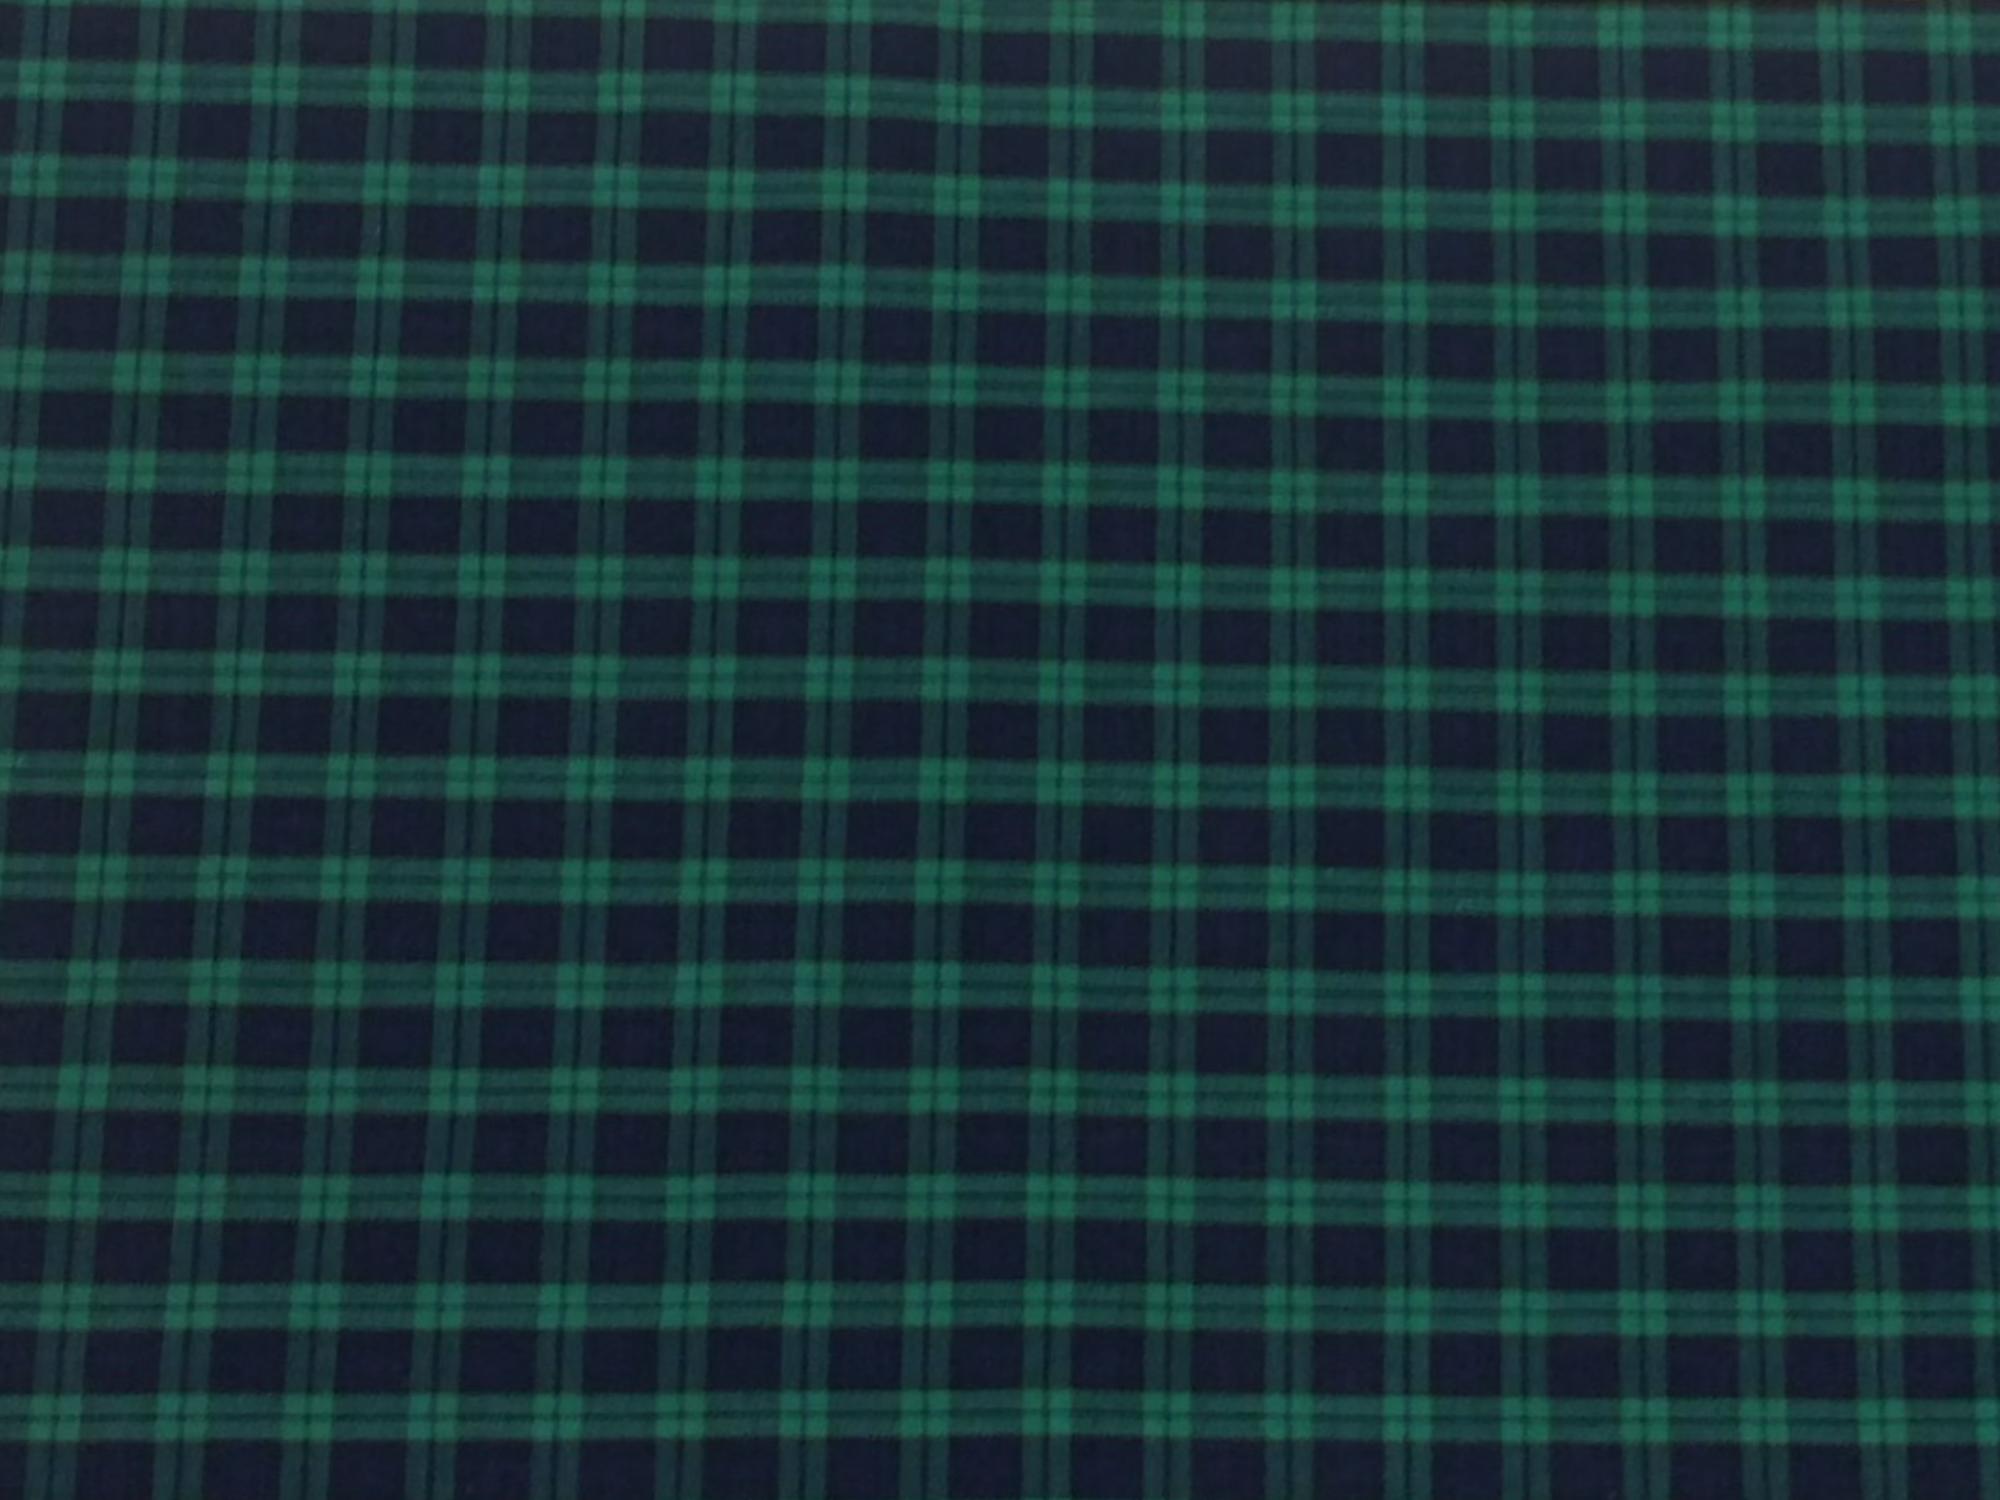 Tartan Plaid Black Watch Clan Apparel Fabric Yarn Dyed Fabric FTP07